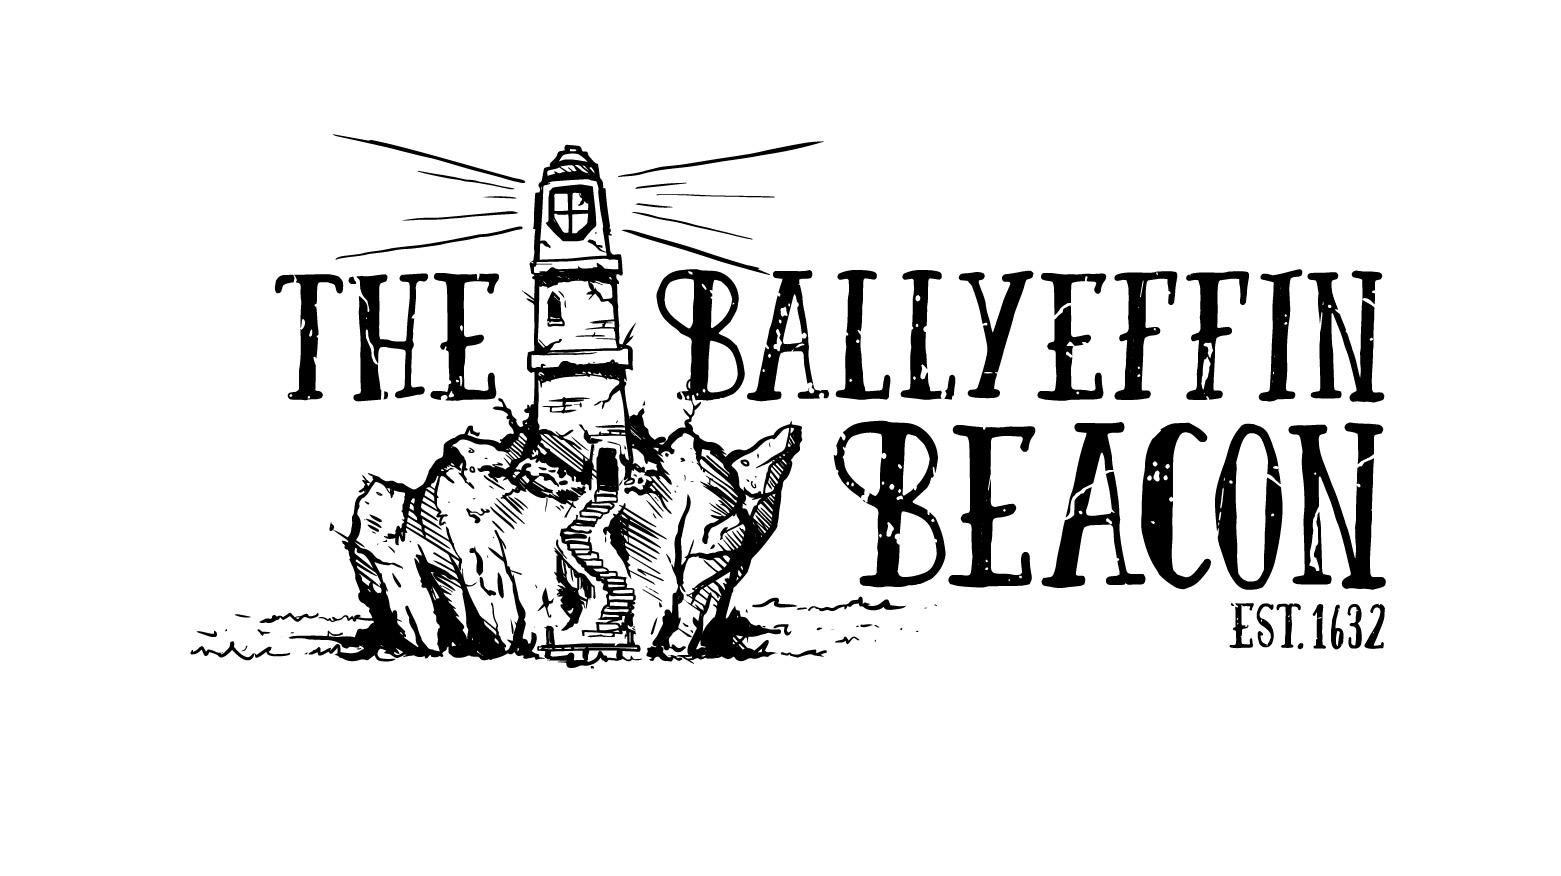 Well spun news from Ballyeffin